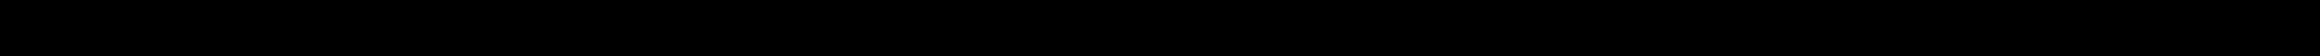 MANN-FILTER 520 4302 0, 1C0 127 401, 1CO 127 401, 1J0 127 399 A, 1J0 127 401 Filtr paliwa